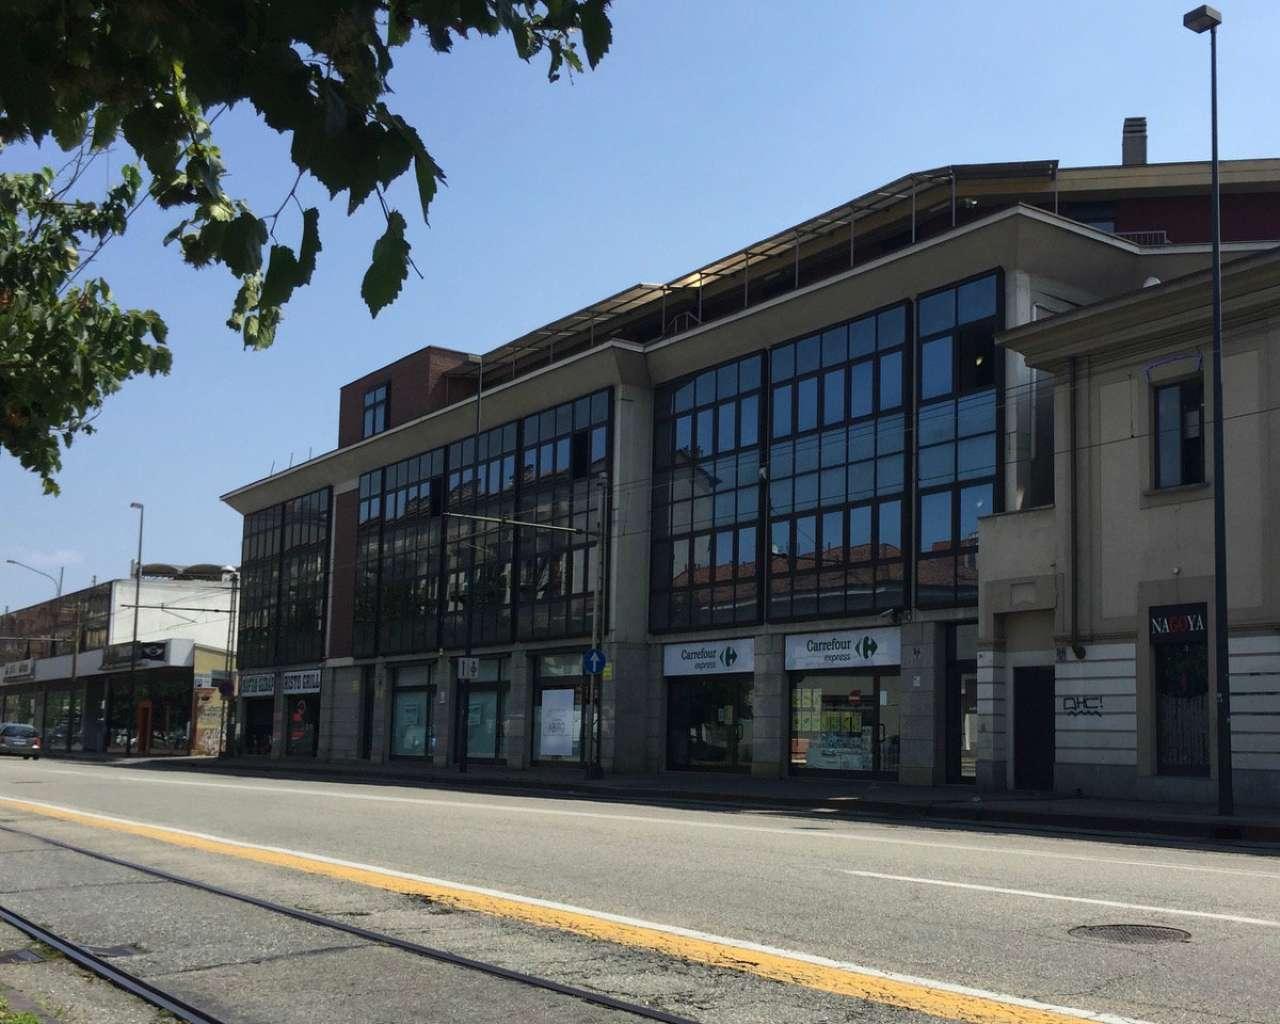 Ufficio in Vendita a Torino Cod. 622